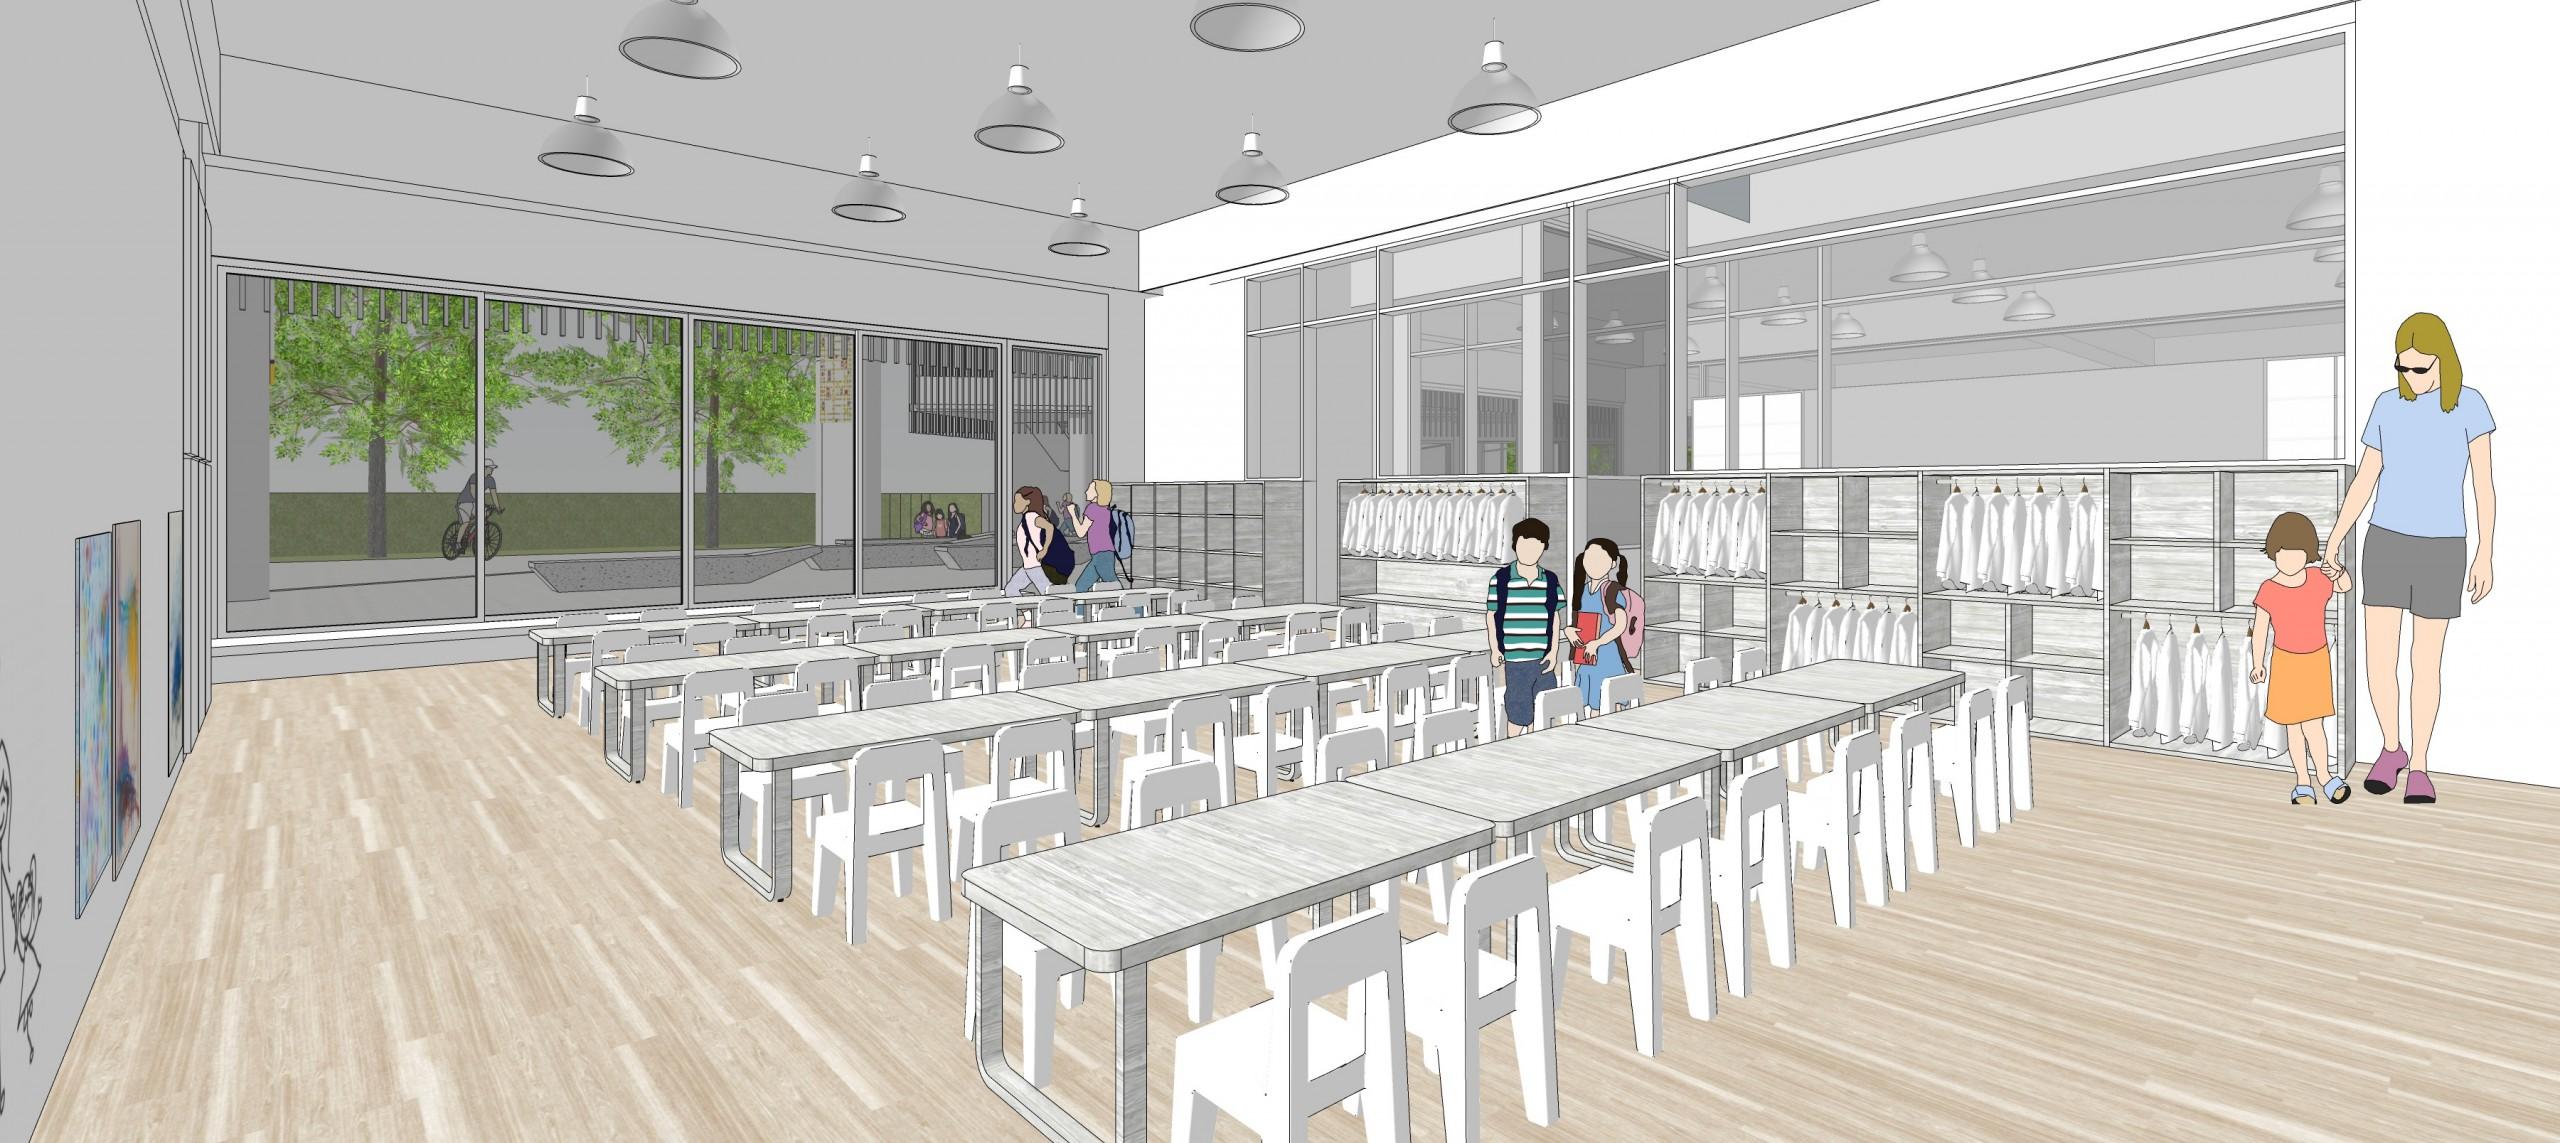 德築-DEZU-project-淡海大芽幼兒園-architecture-3Drendering-3